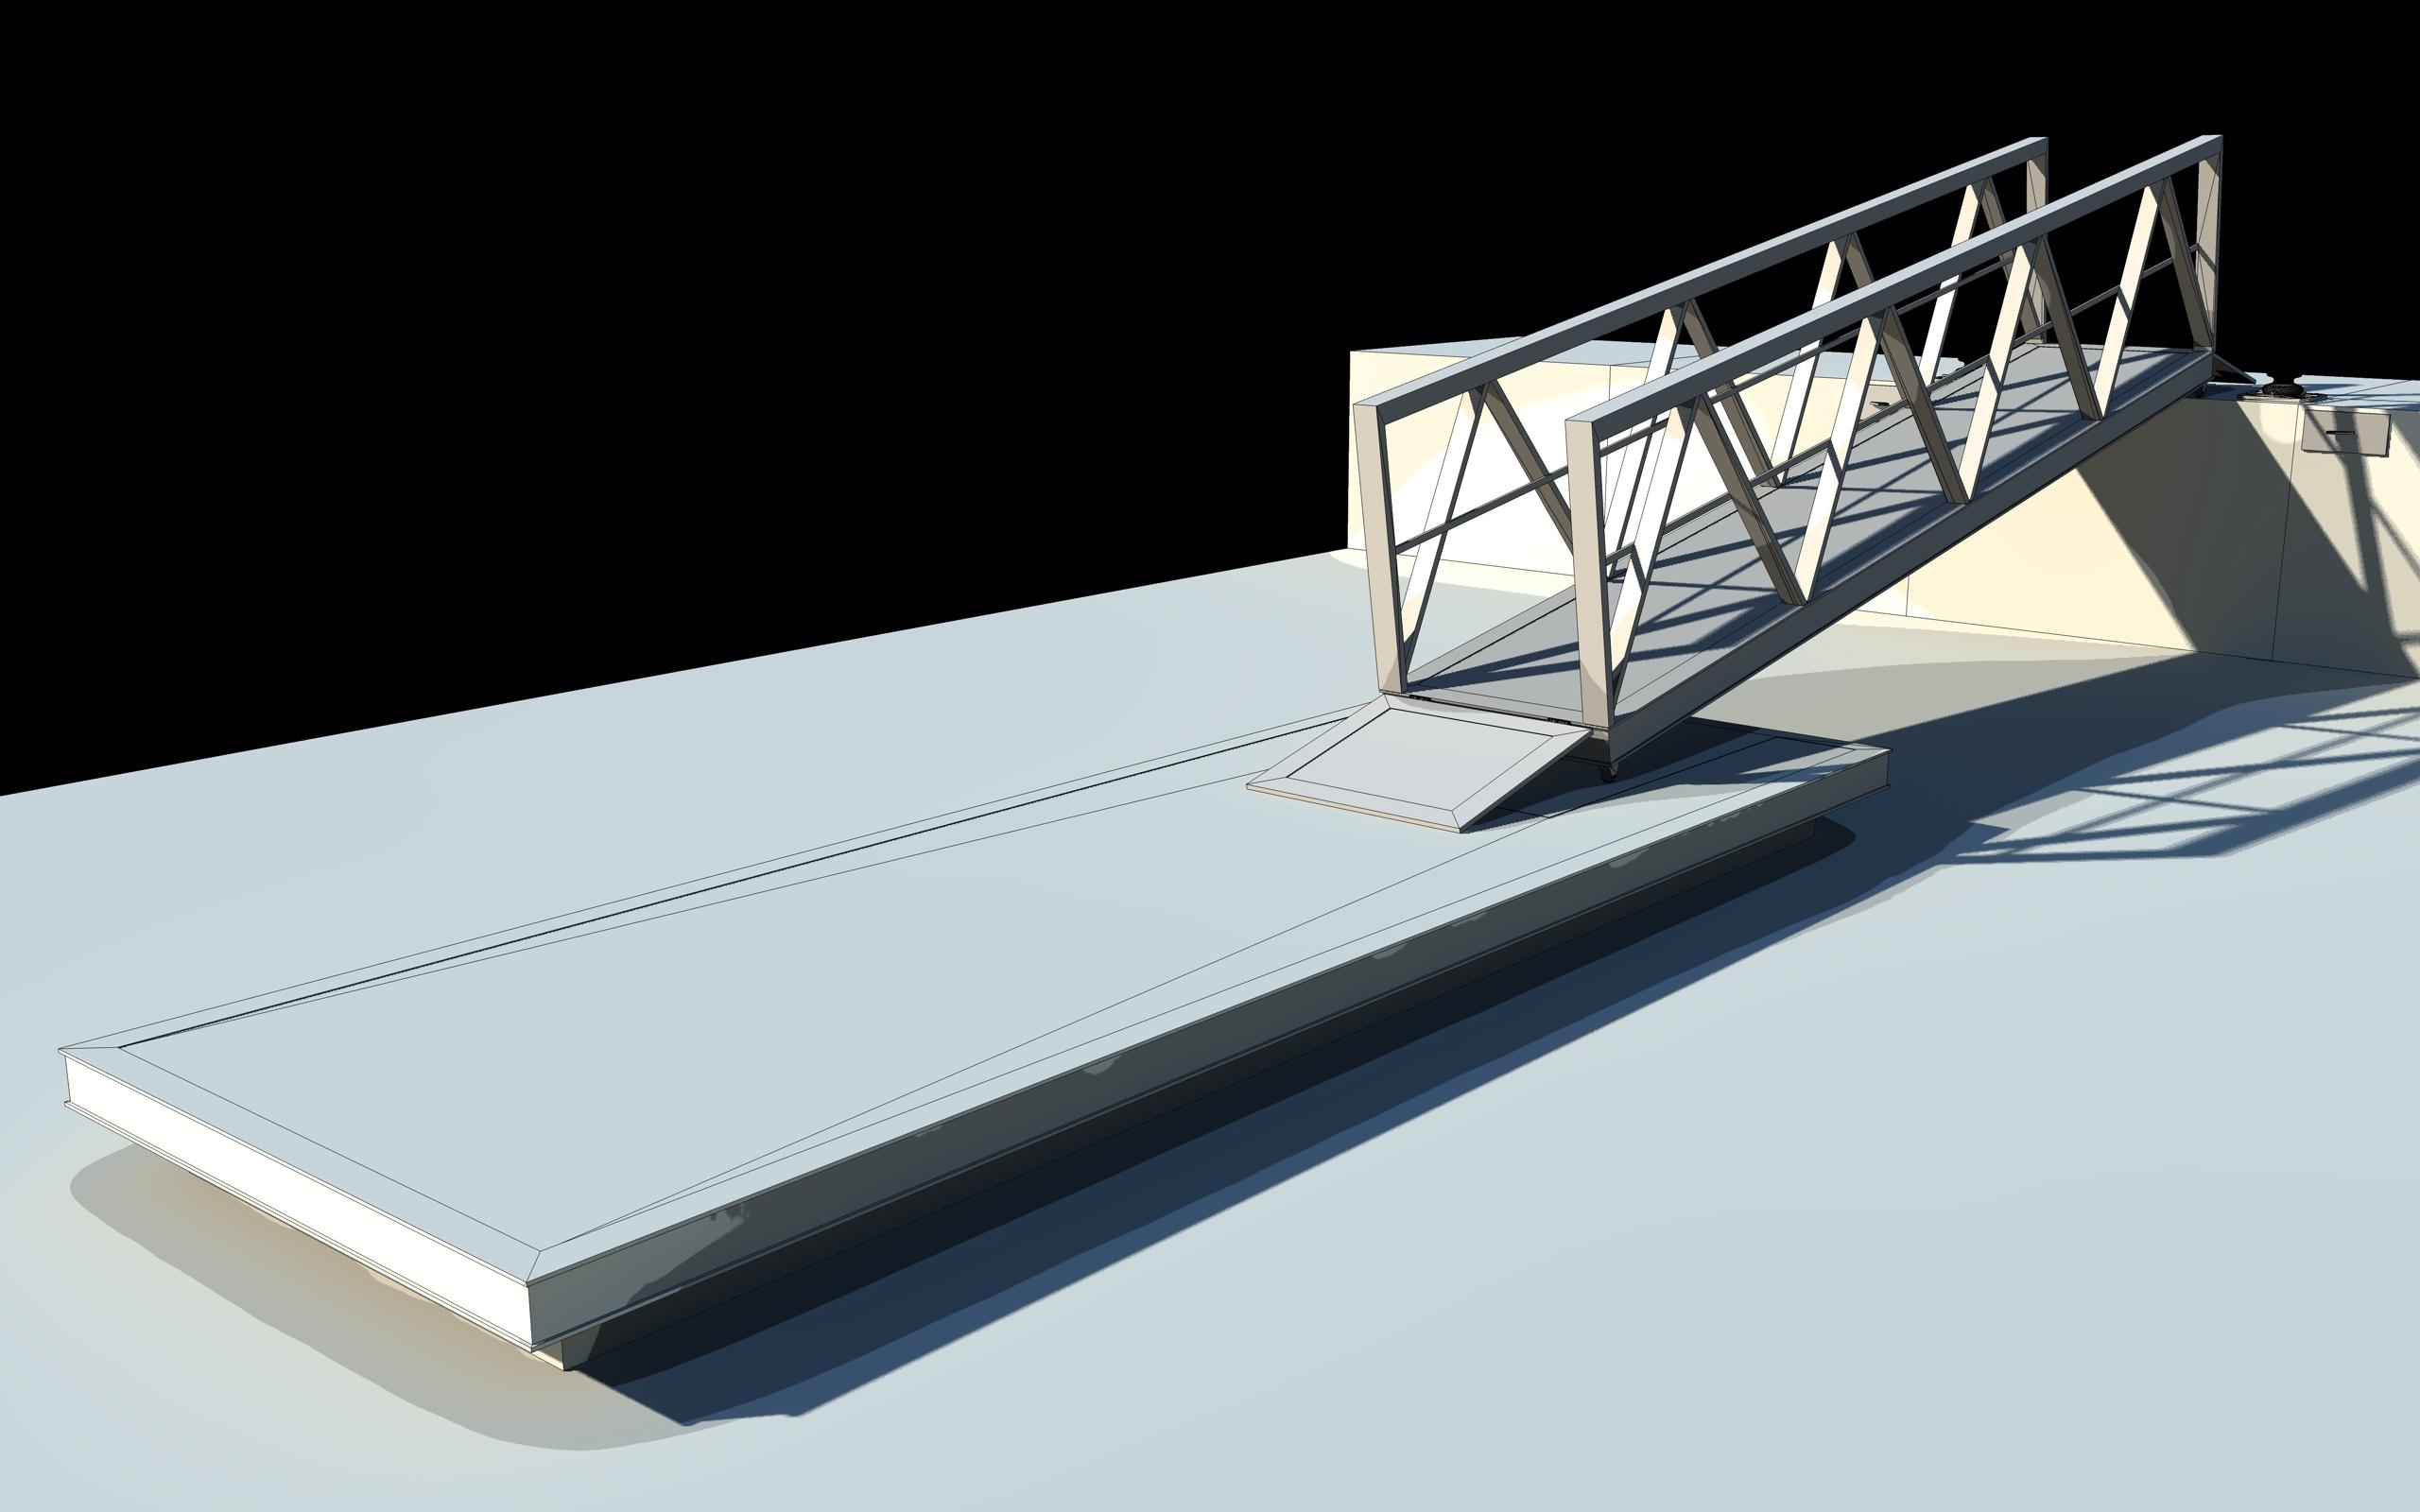 boat pier dock 3d model 3ds dxf fbx c4d skp obj 148414